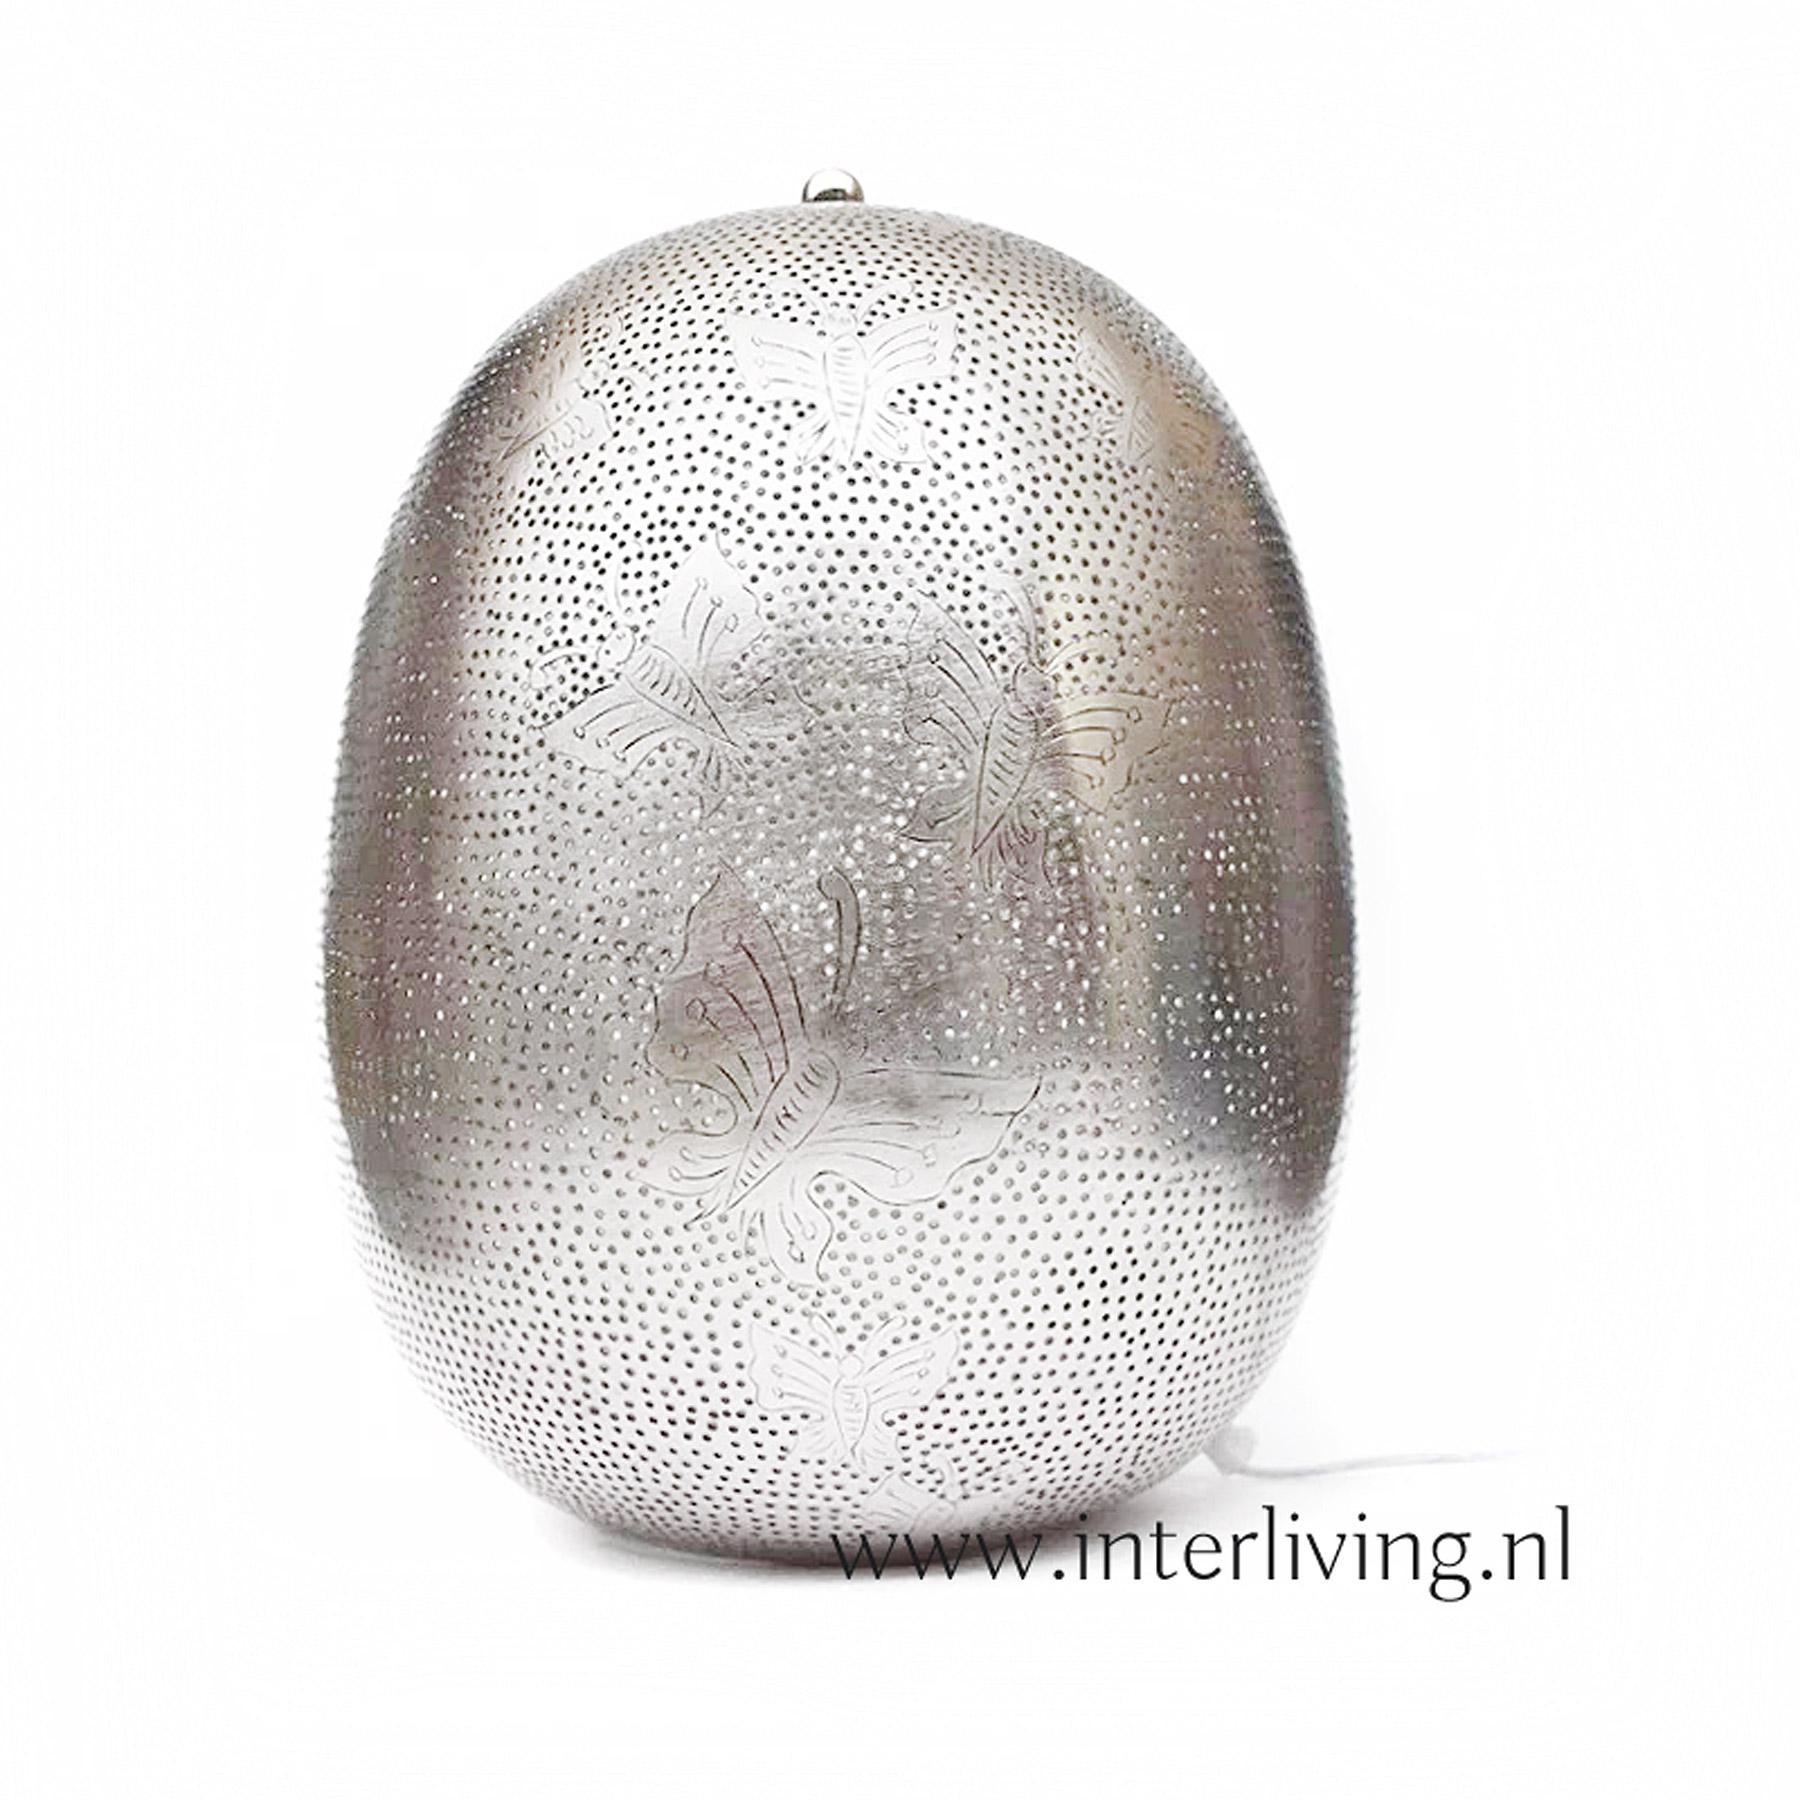 zilverkleurige tafellamp ovaal  - sprookjeslamp met vlinderpatronen